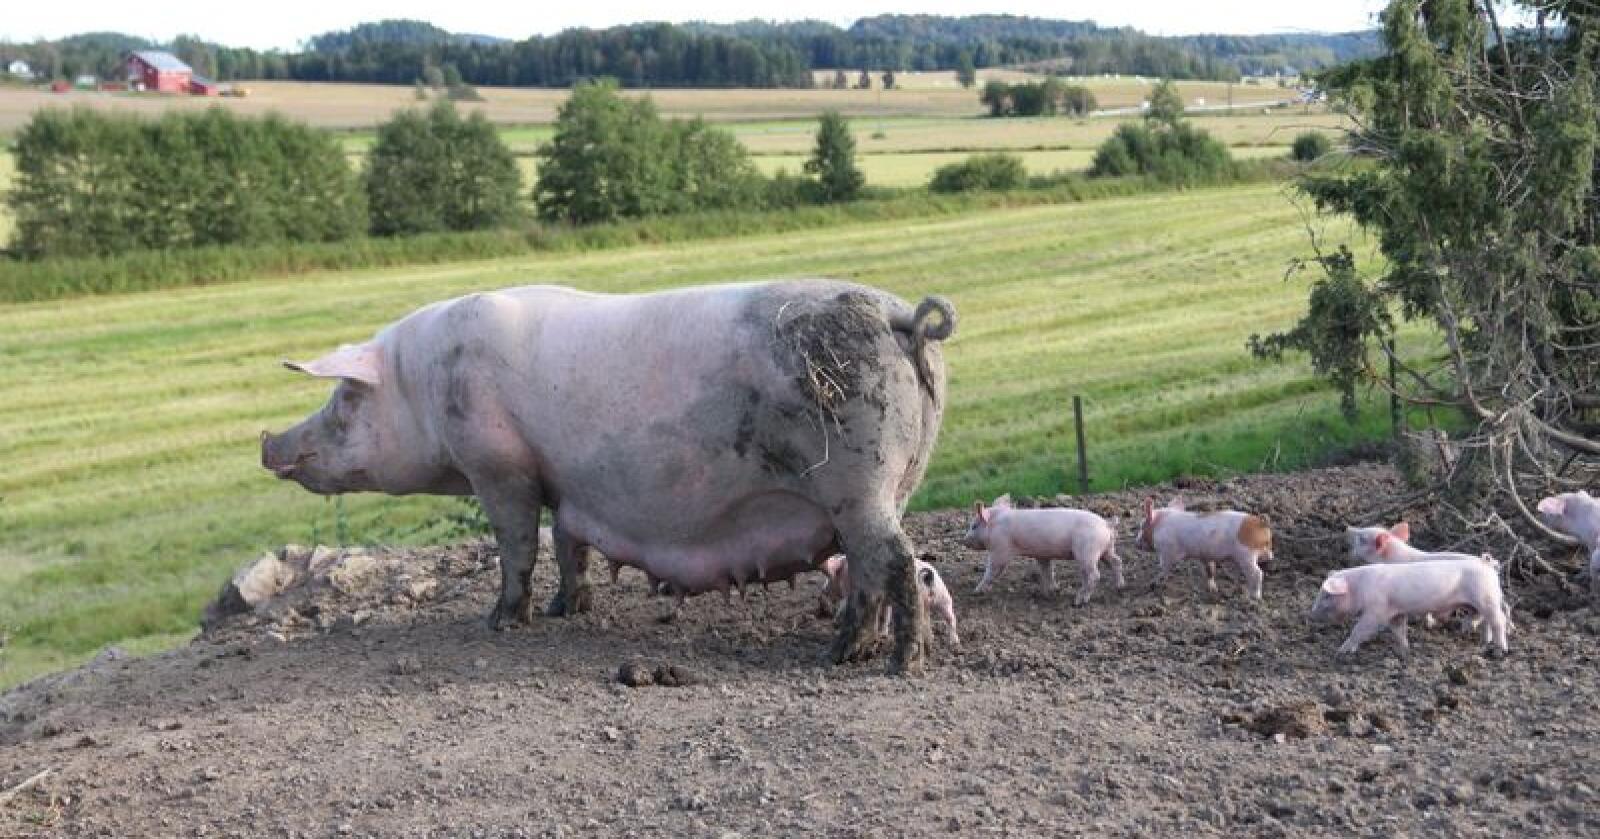 Dyrevernmerket krever blant annet at grisene får mer plass. De skal også ha tilgang til uteområder.(Foto: Kristin Bergo)